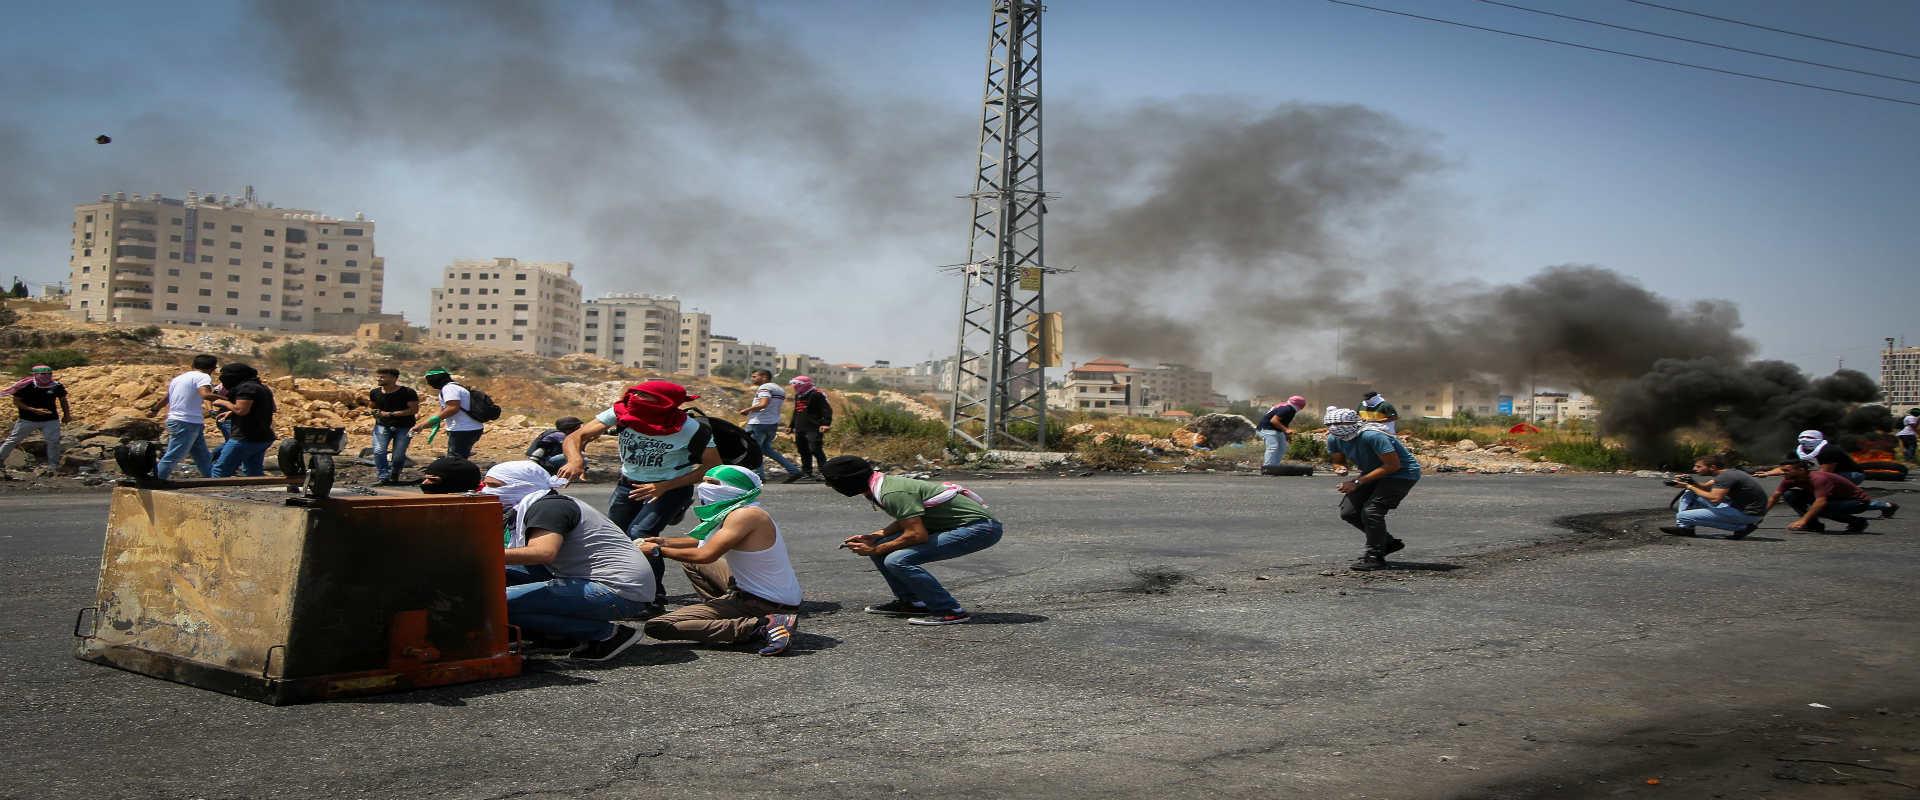 עימותים בין כוחות הביטחון לפלסטינים ברמאללה, שלשום